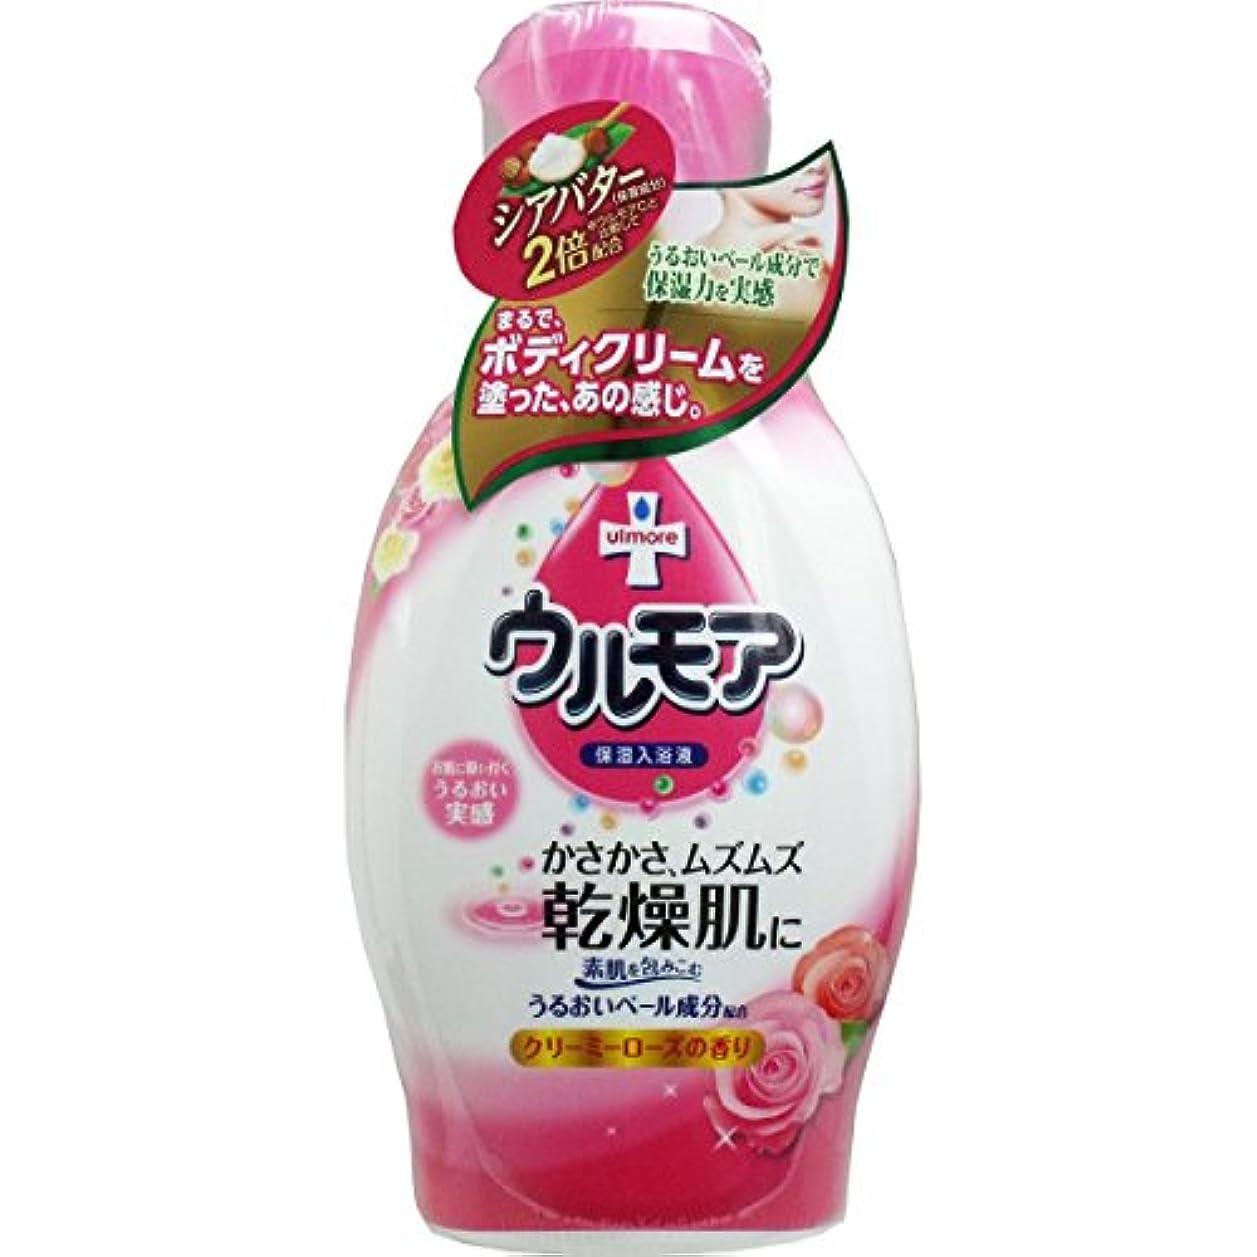 警察署着実にリンケージ【アース製薬】保湿入浴液ウルモアクリーミーローズの香り 600ml ×3個セット